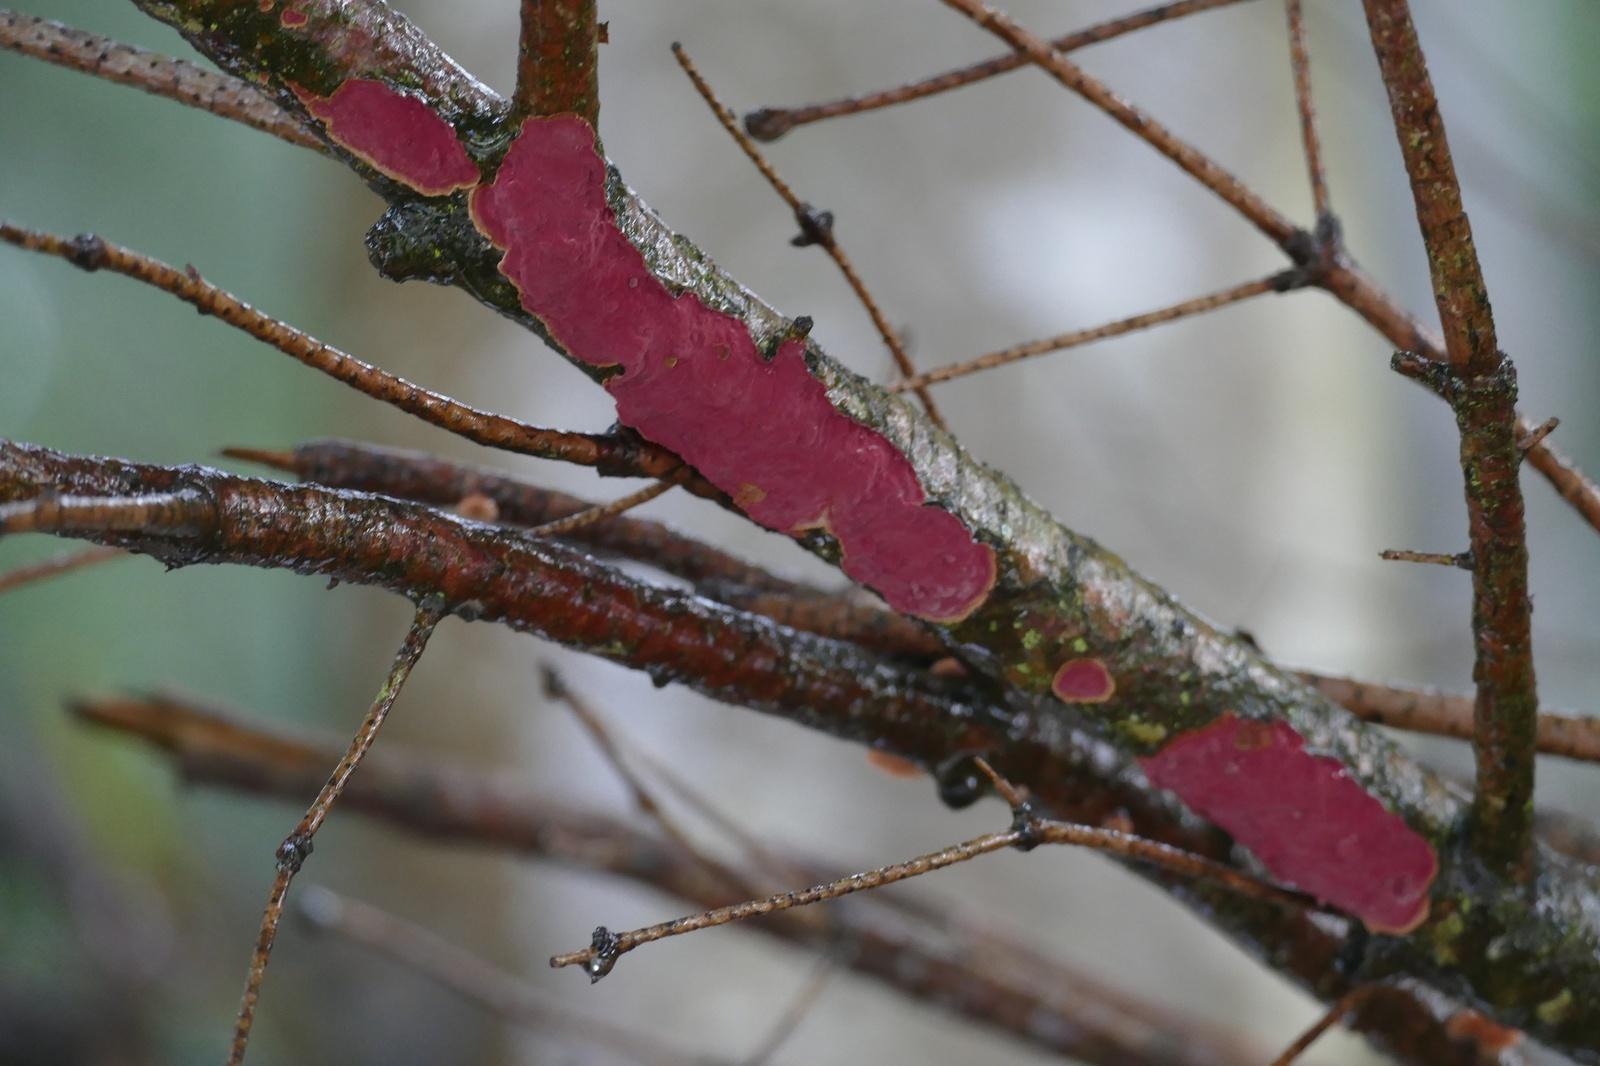 Szczecinkowiec jodłowy (Hymenochaete cruenta)